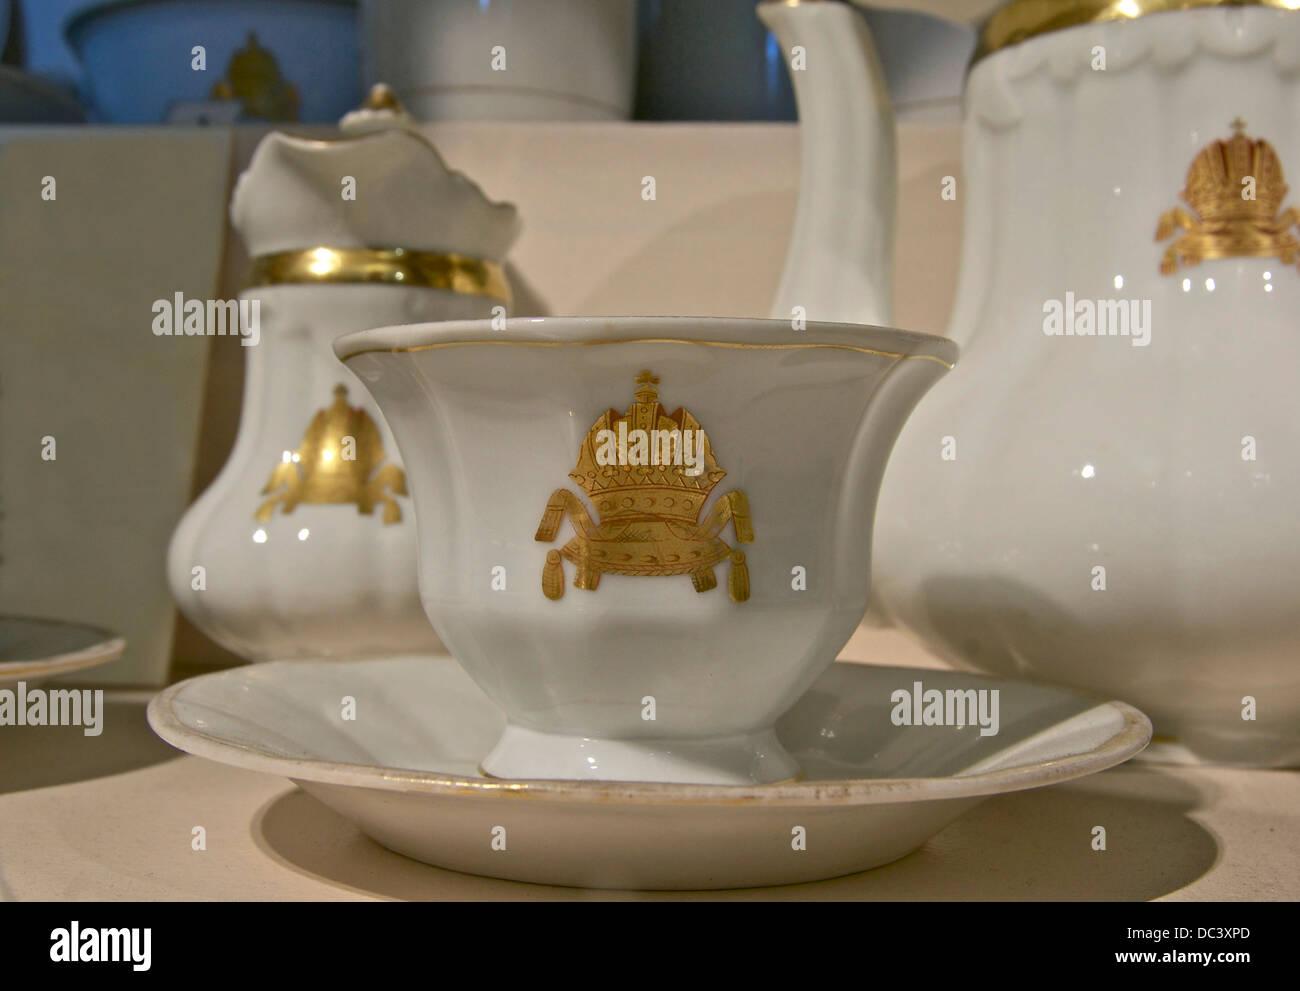 Élément d'un service en porcelaine, viennois blanc estampillés avec le imperial golden crown, Photo Stock